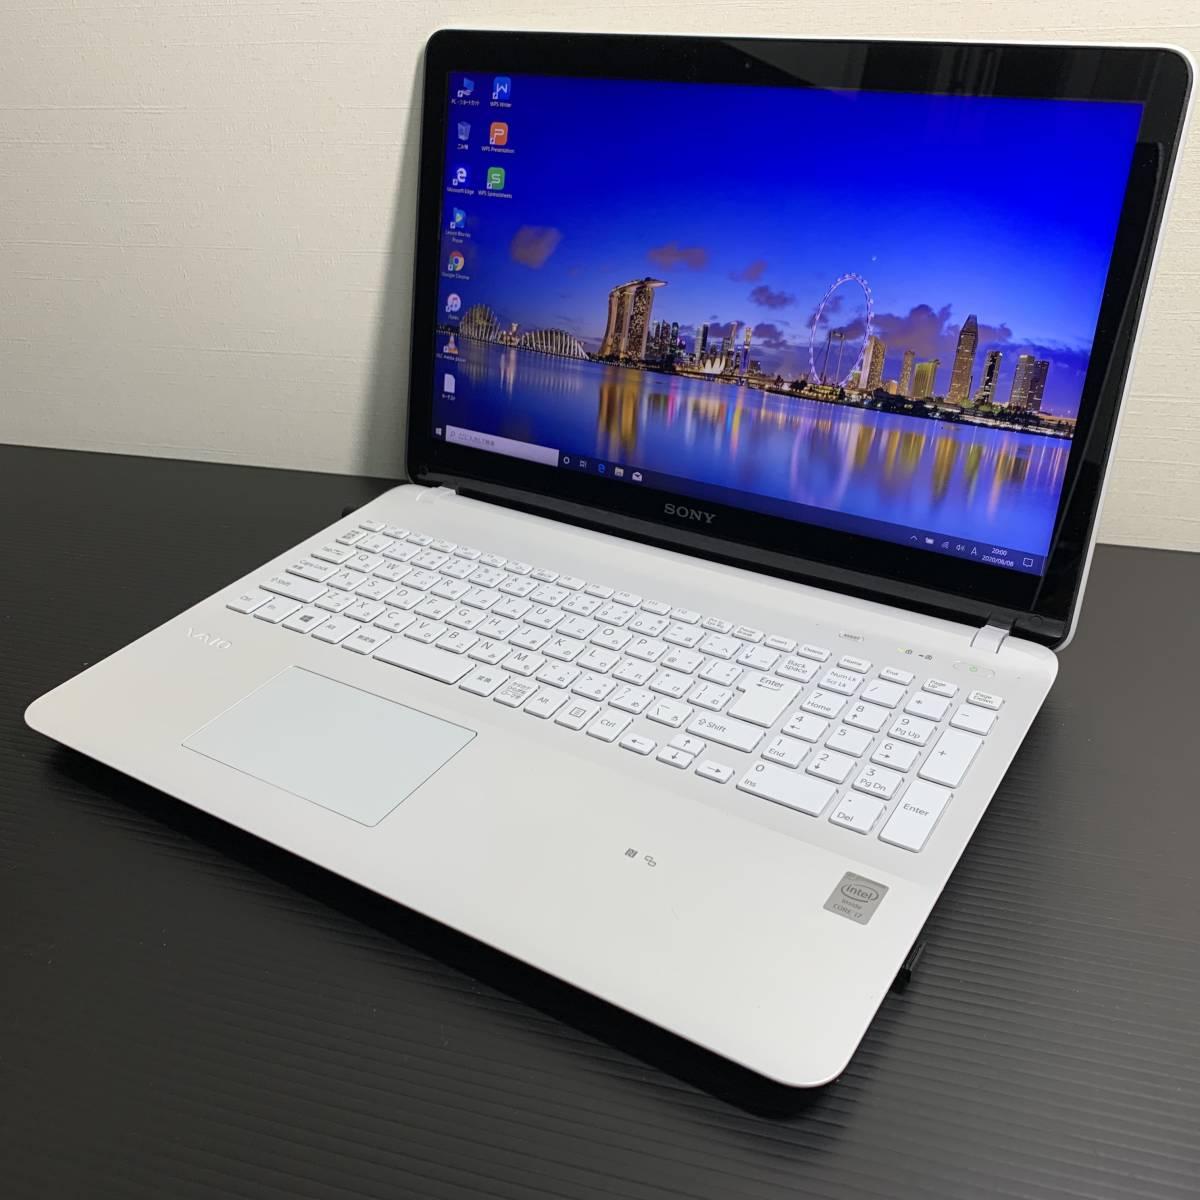 高性能  Core i7 サクサクSSD480GB フルHDでキレイ ソニー Vaio タッチパネル ブルーレイ搭載 SVF15329